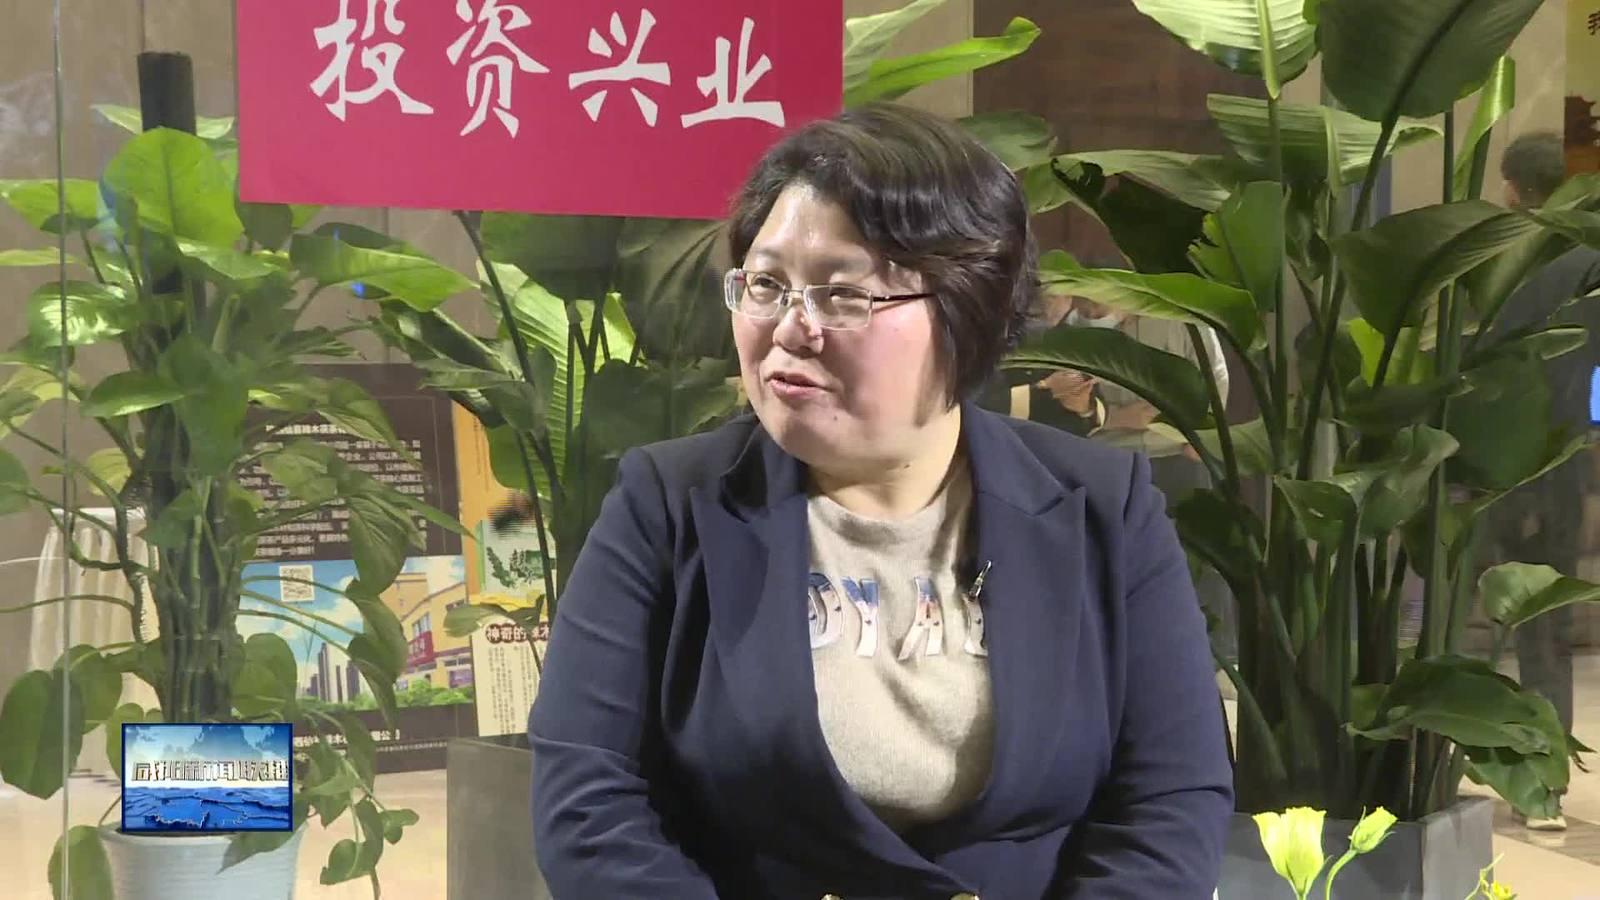 【视频新闻】全媒体会客厅: 筑巢引百企  协作促发展